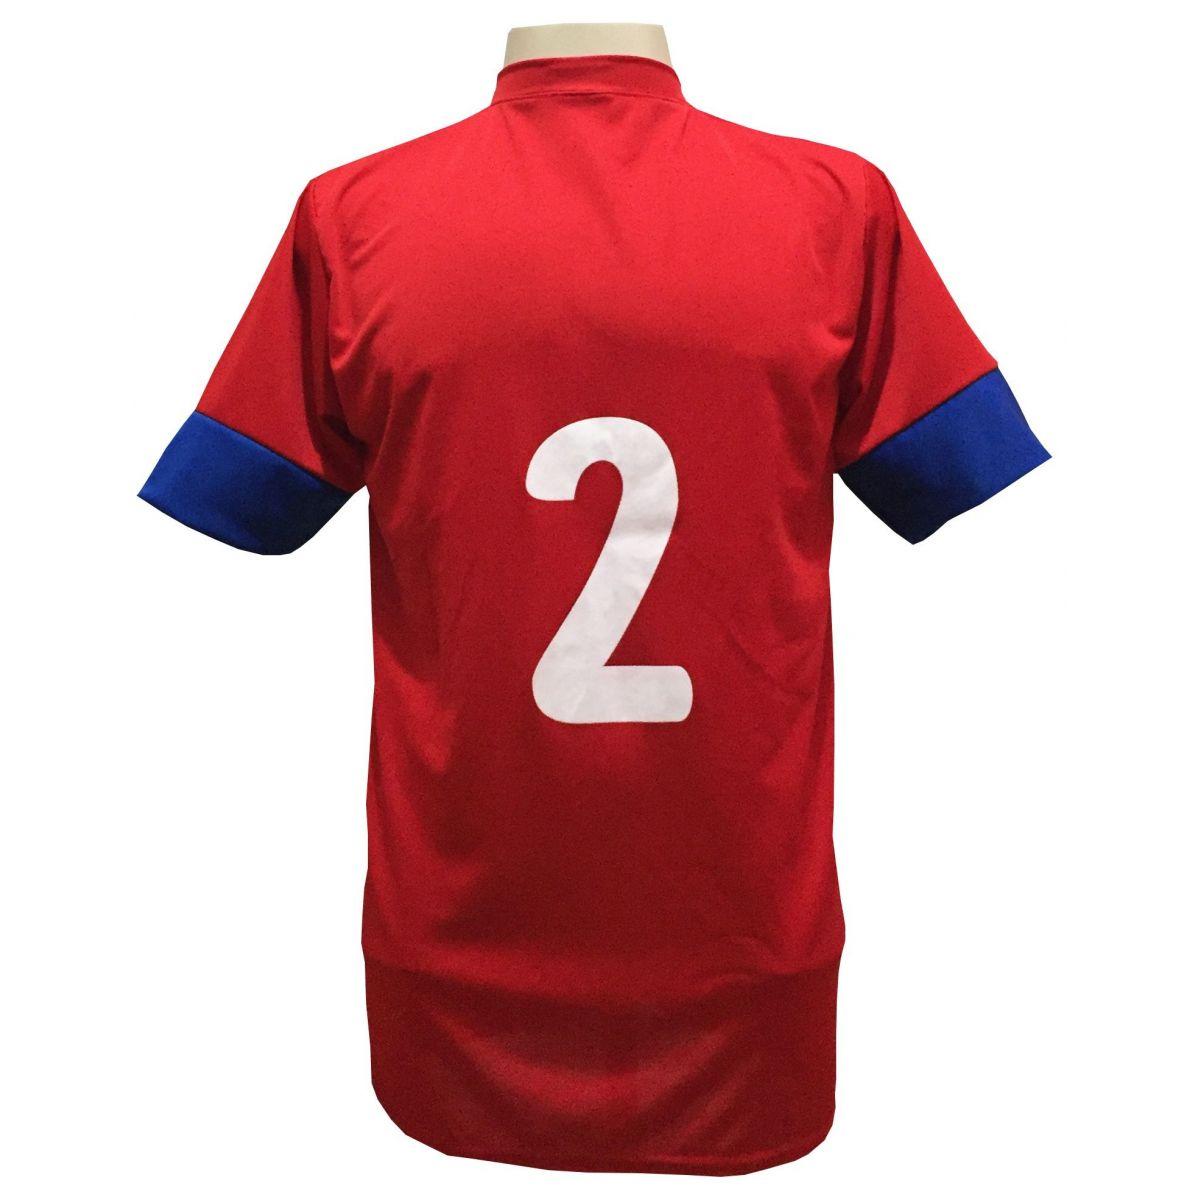 Fardamento Completo Modelo Columbus 18+1 (18 Camisas Vermelho/Royal + 18 Calções Madrid Royal + 18 Pares de Meiões Vermelhos + 1 Conjunto de Goleiro) + Brindes